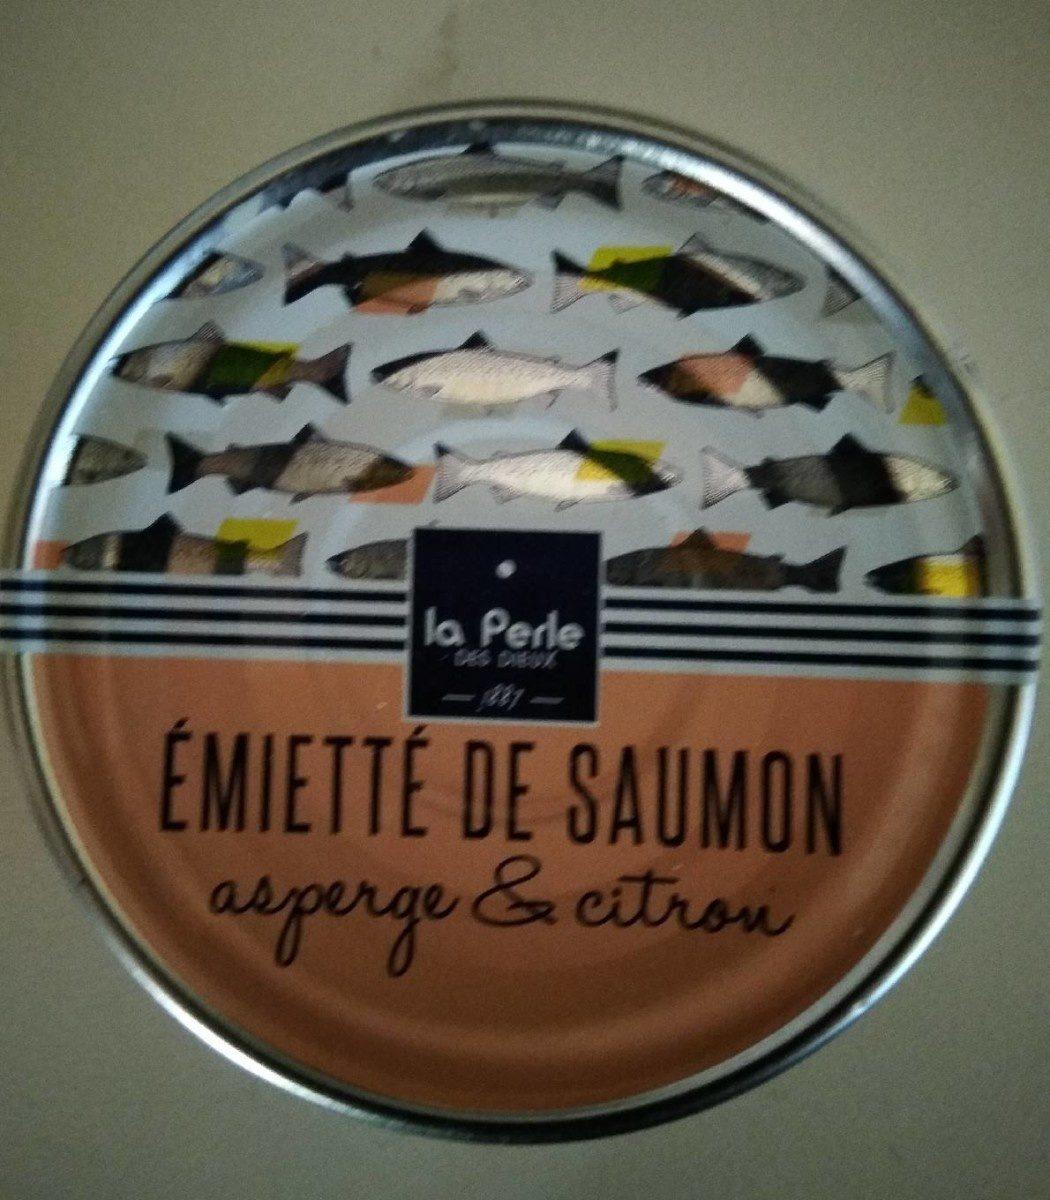 Émietté de saumon asperge et citron - Produit - fr